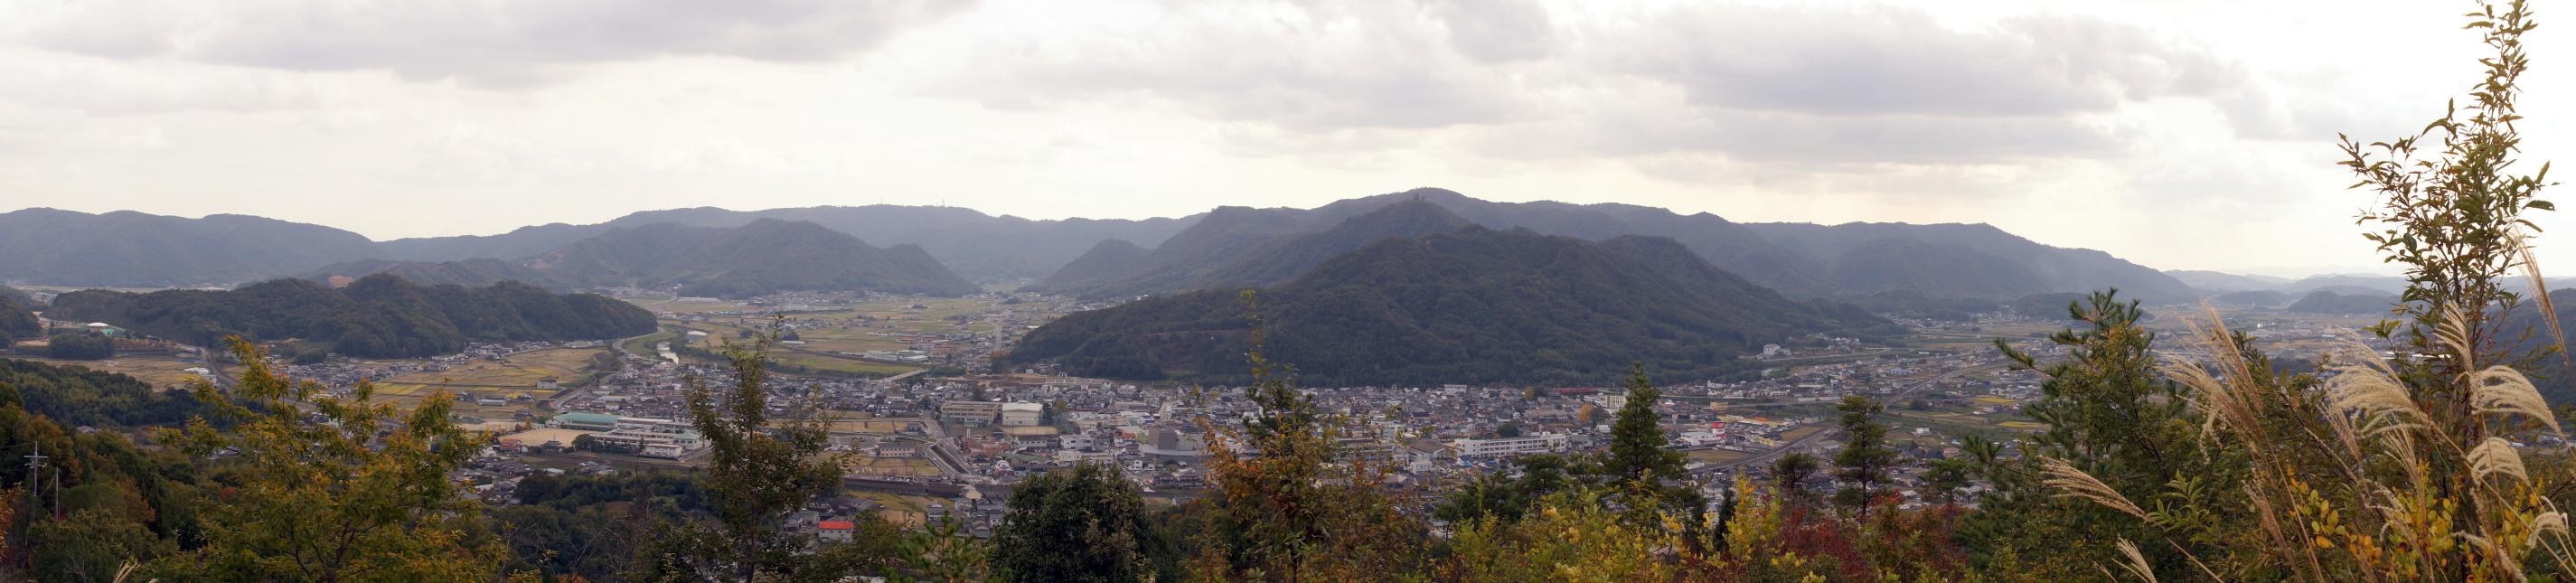 yakage-town-panorama